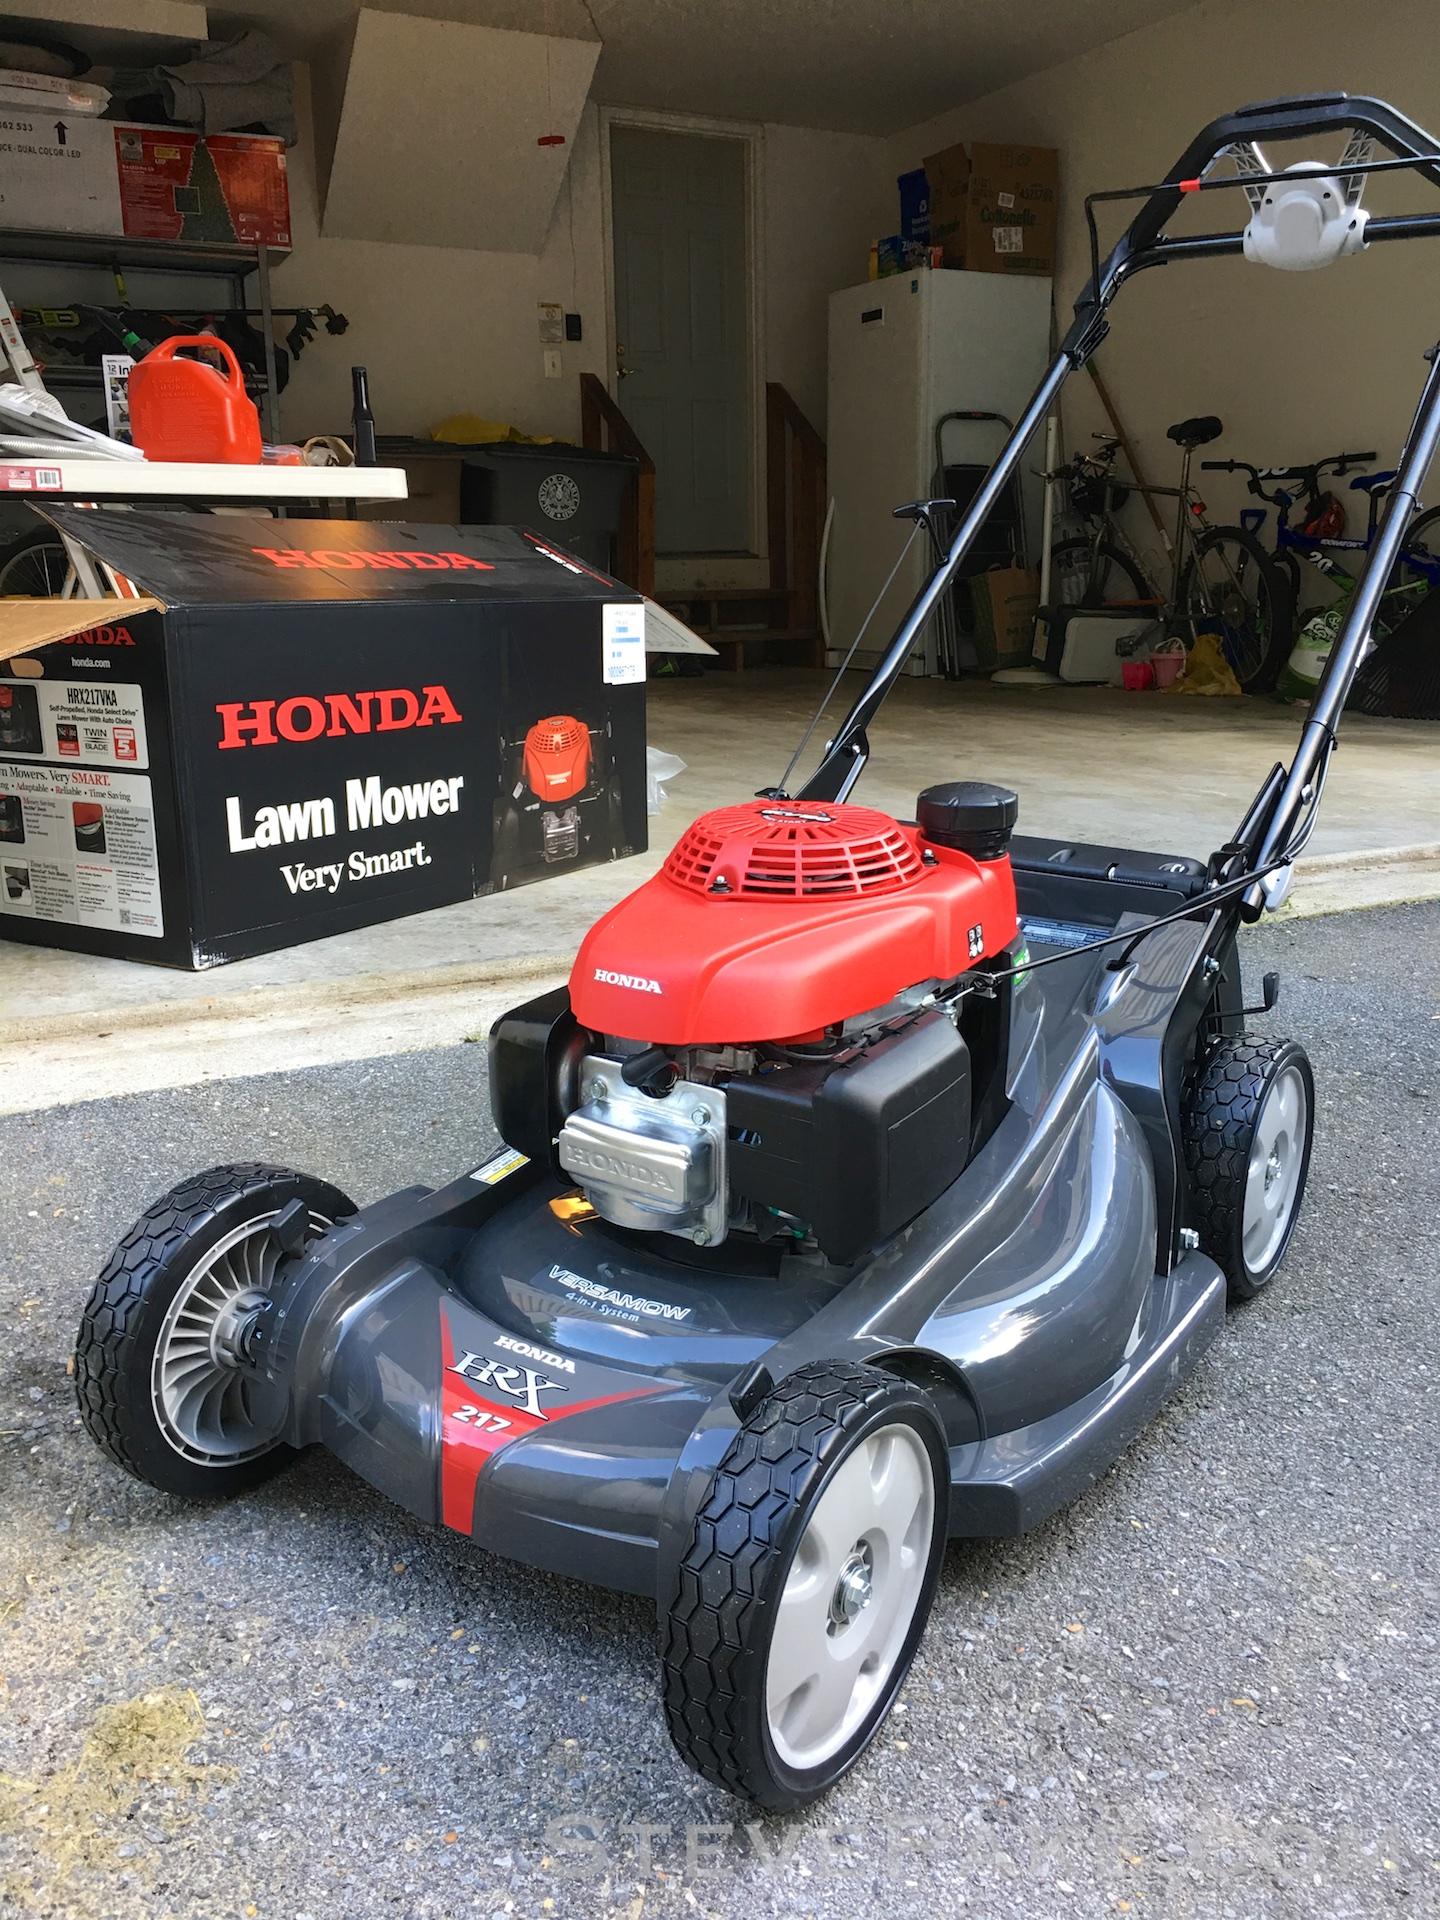 Honda fire-breathing GCV190 powered self-propelled lawn mower. VTEEEEEC!!!!!!!